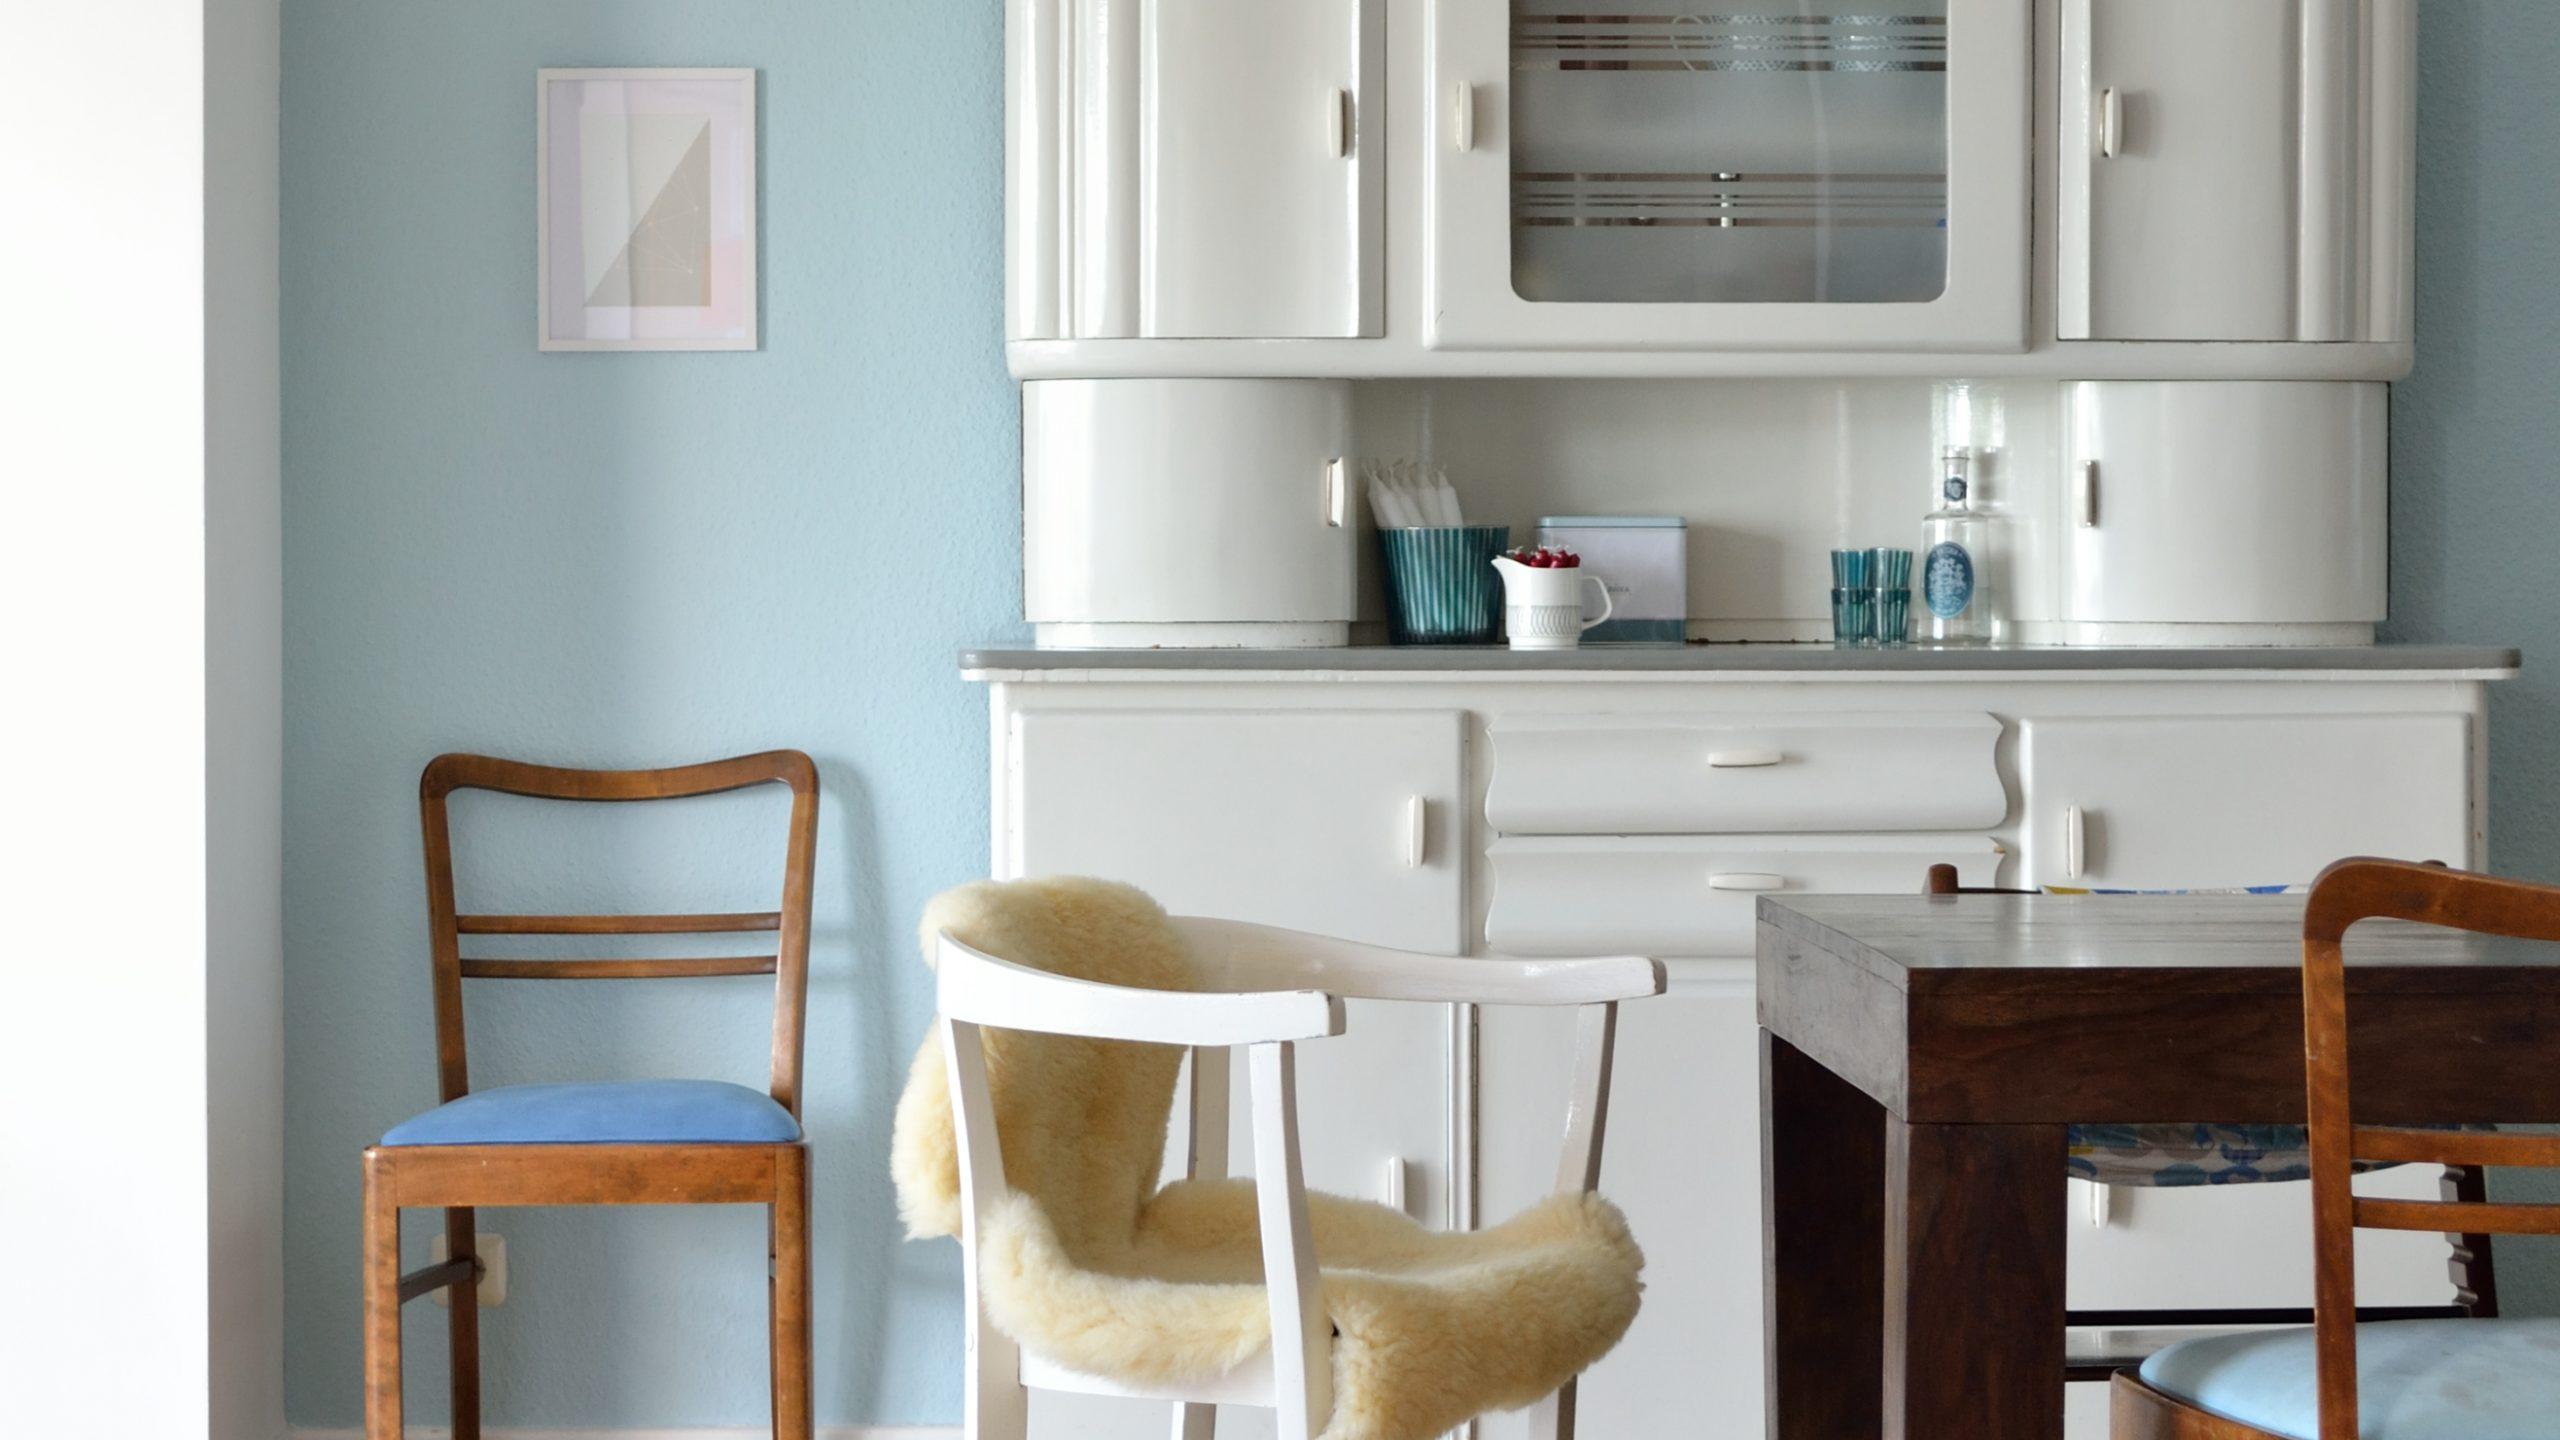 Full Size of Küche Wandfarbe Einbauküche Günstig L Mit Elektrogeräten Mini Planen Grifflose Led Deckenleuchte Kräutertopf Industriedesign Industrie Gardine Wohnzimmer Küche Wandfarbe